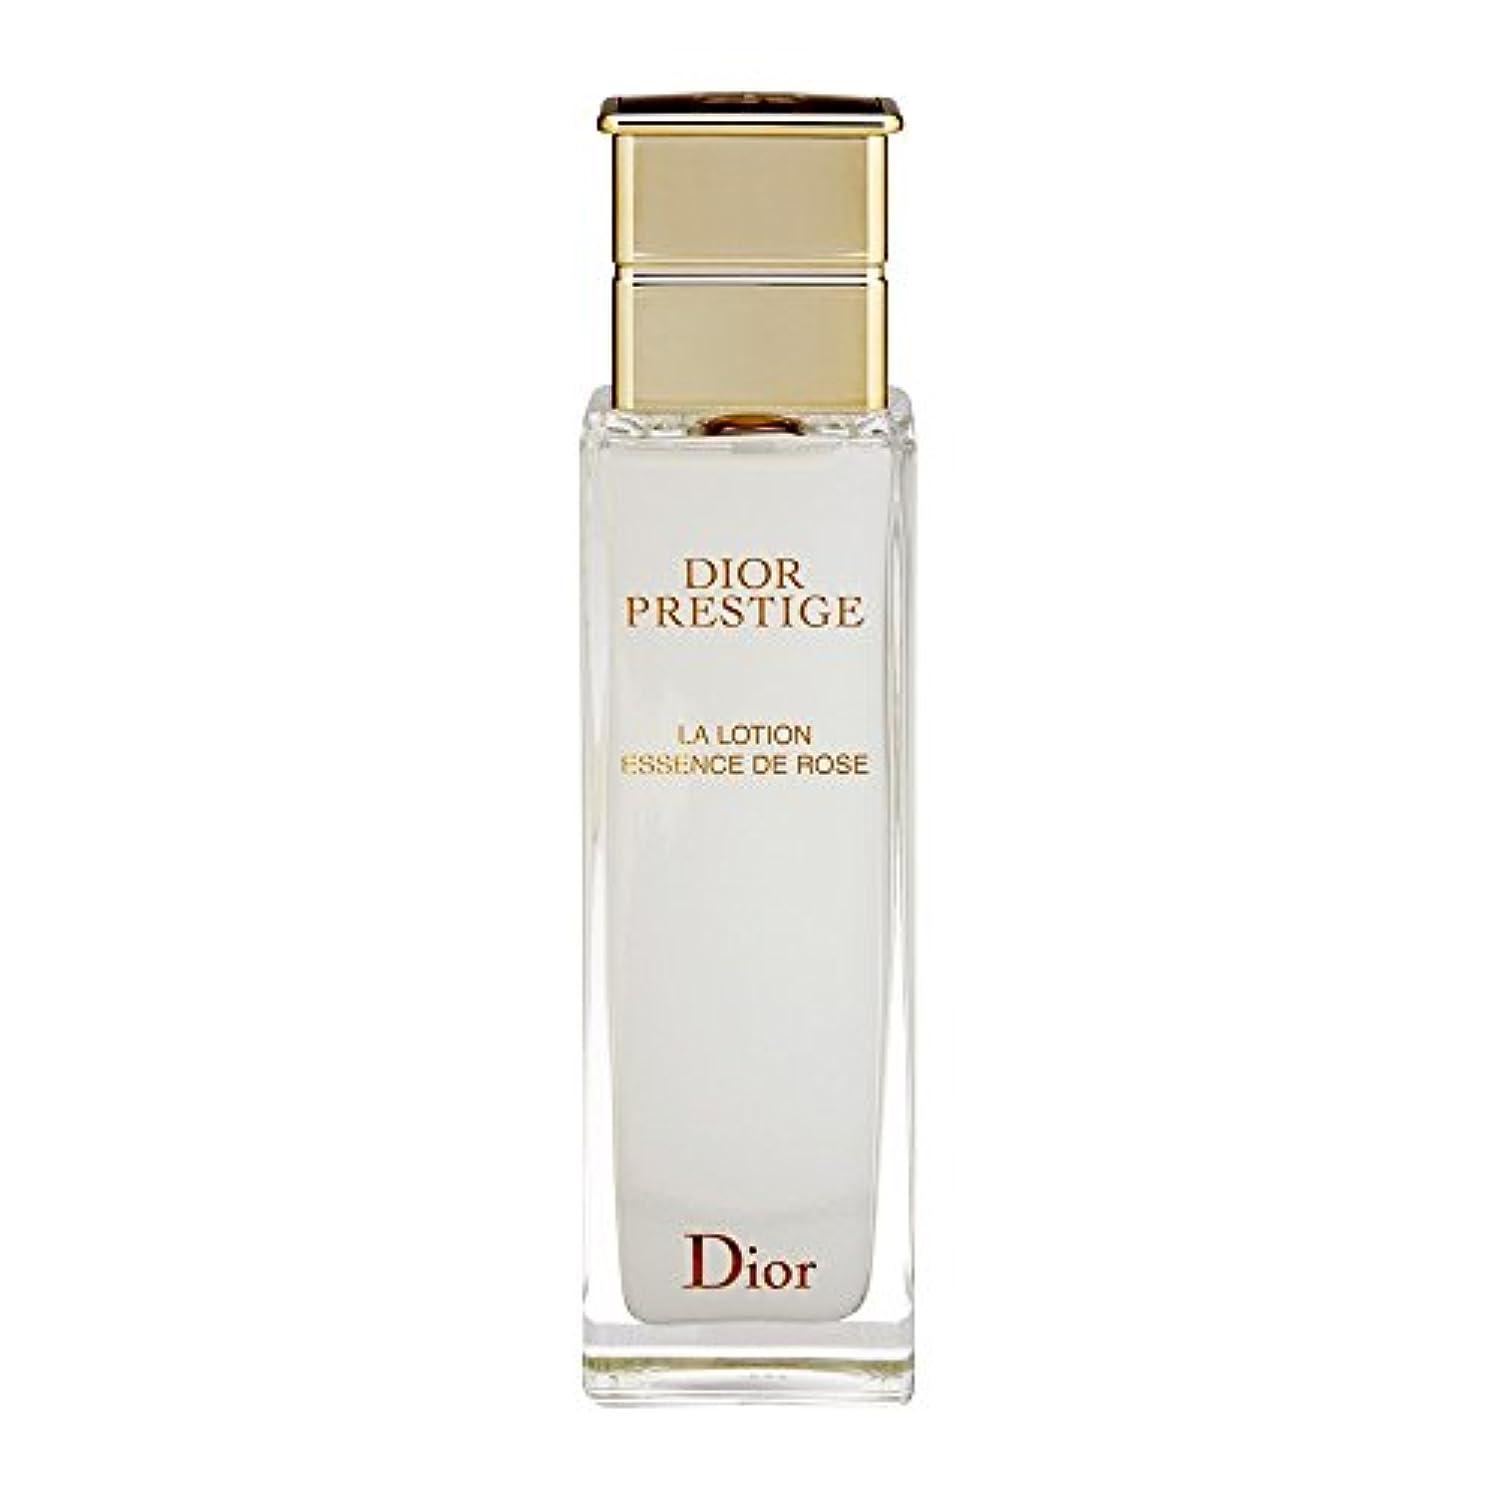 クレア提案多年生クリスチャンディオール Christian Dior プレステージ ラ ローション エッセンス デ ローズ 150ml [並行輸入品]